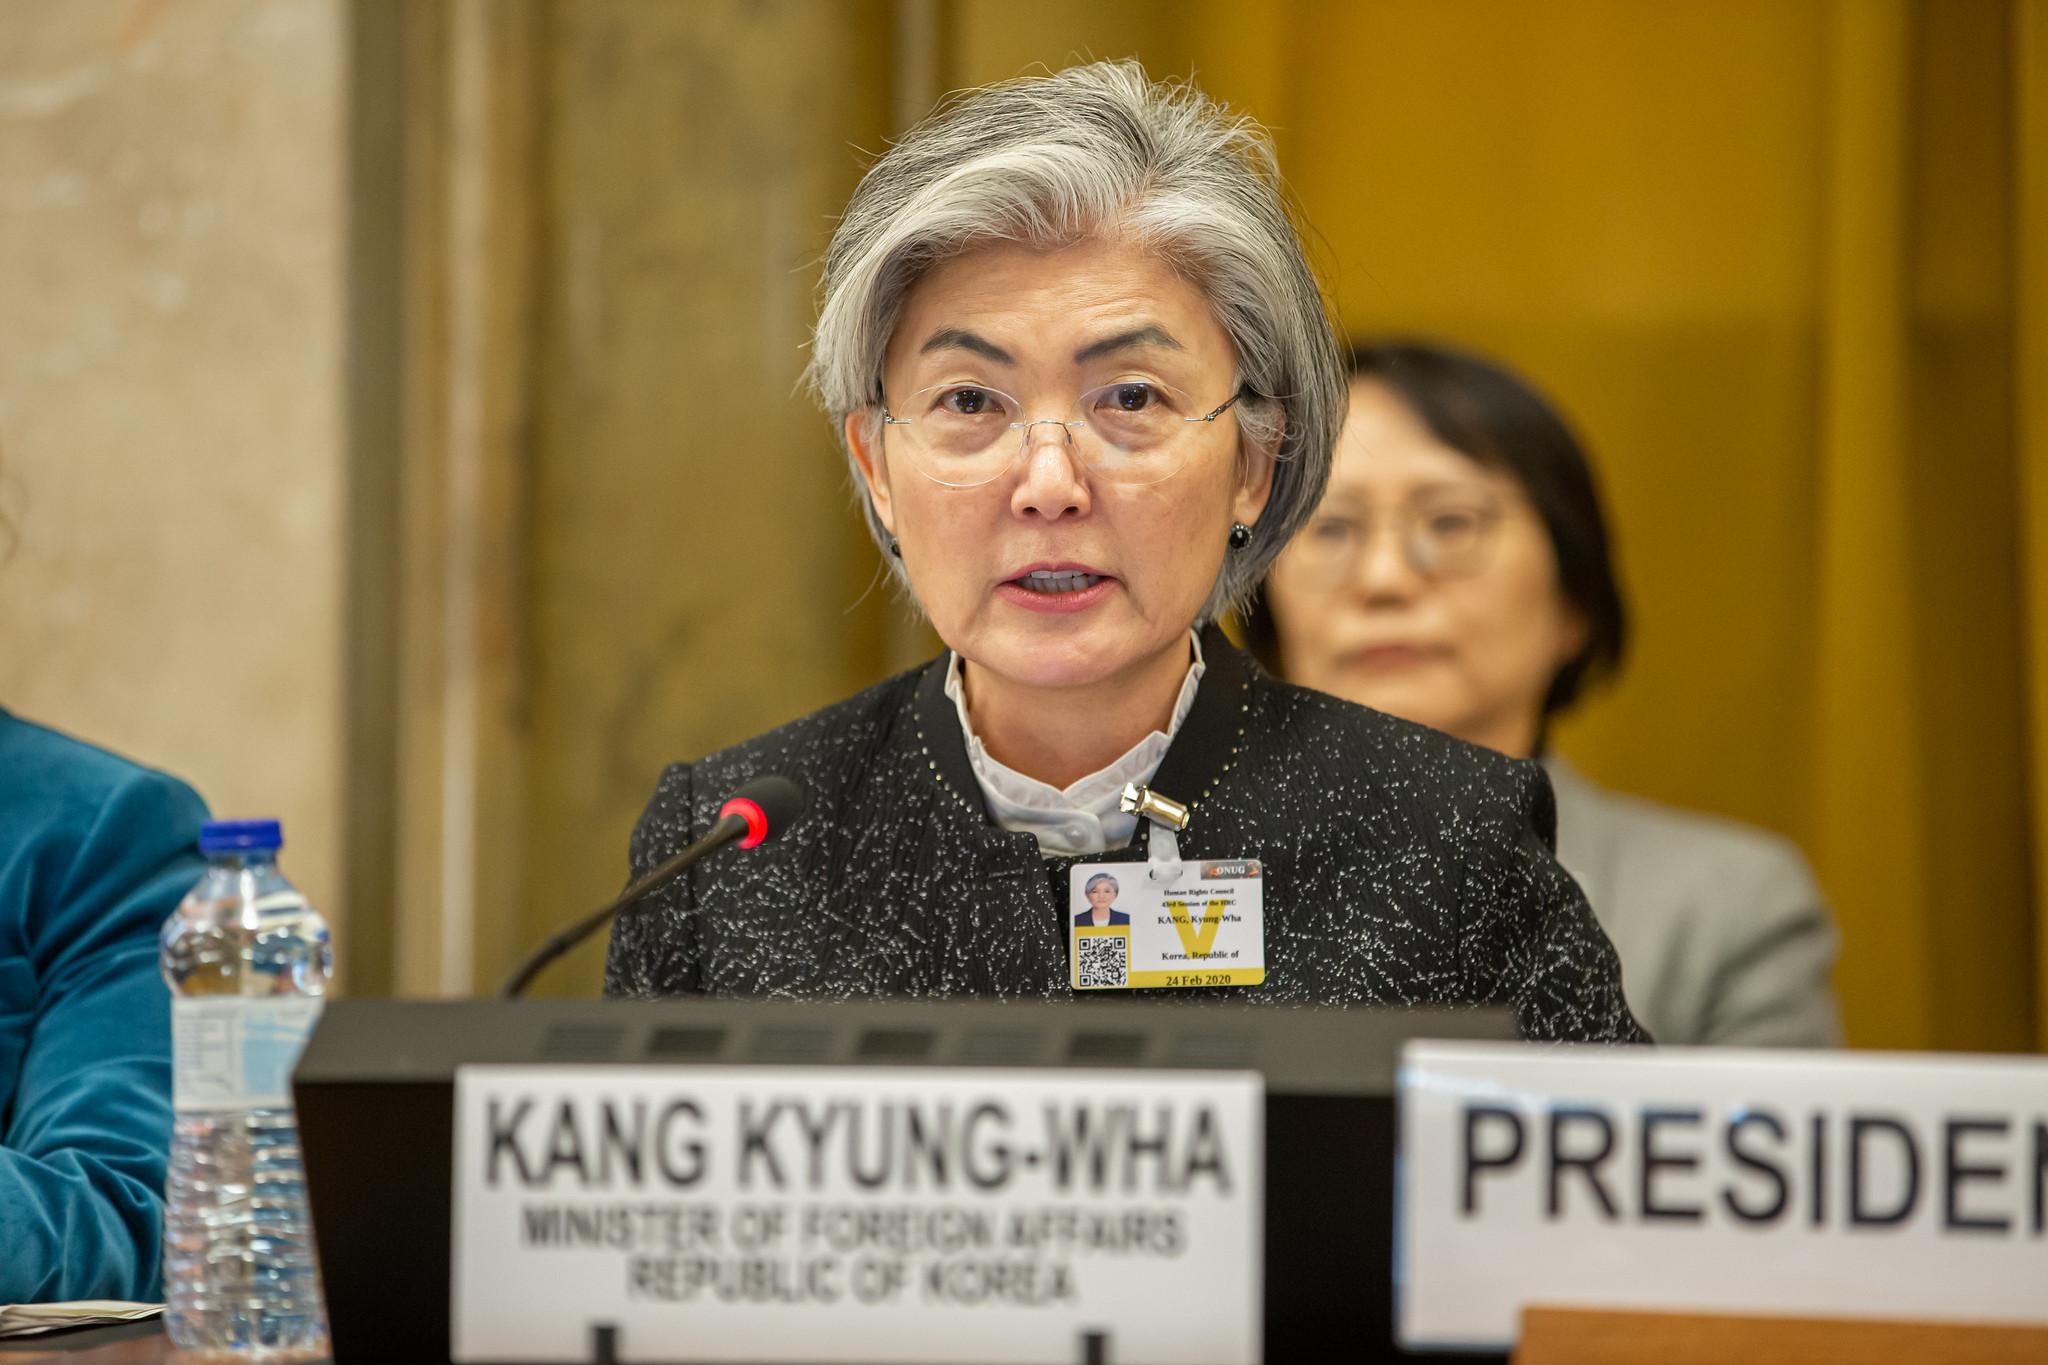 韓國外交部長康京和 Kang_Kyung-wha(圖/UN Geneva/CC BY-NC-ND 2.0)